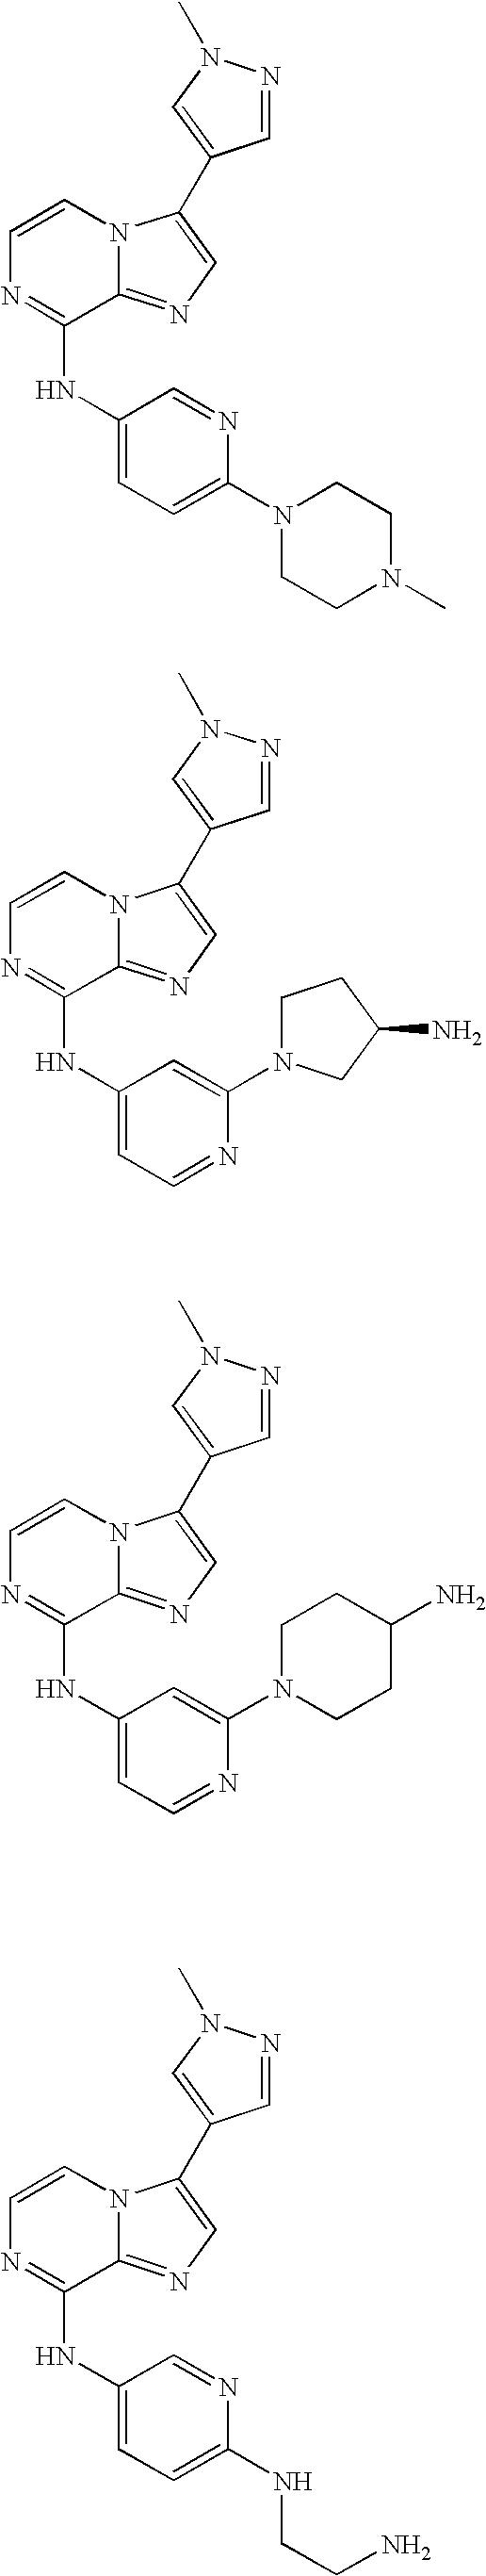 Figure US20070117804A1-20070524-C00052